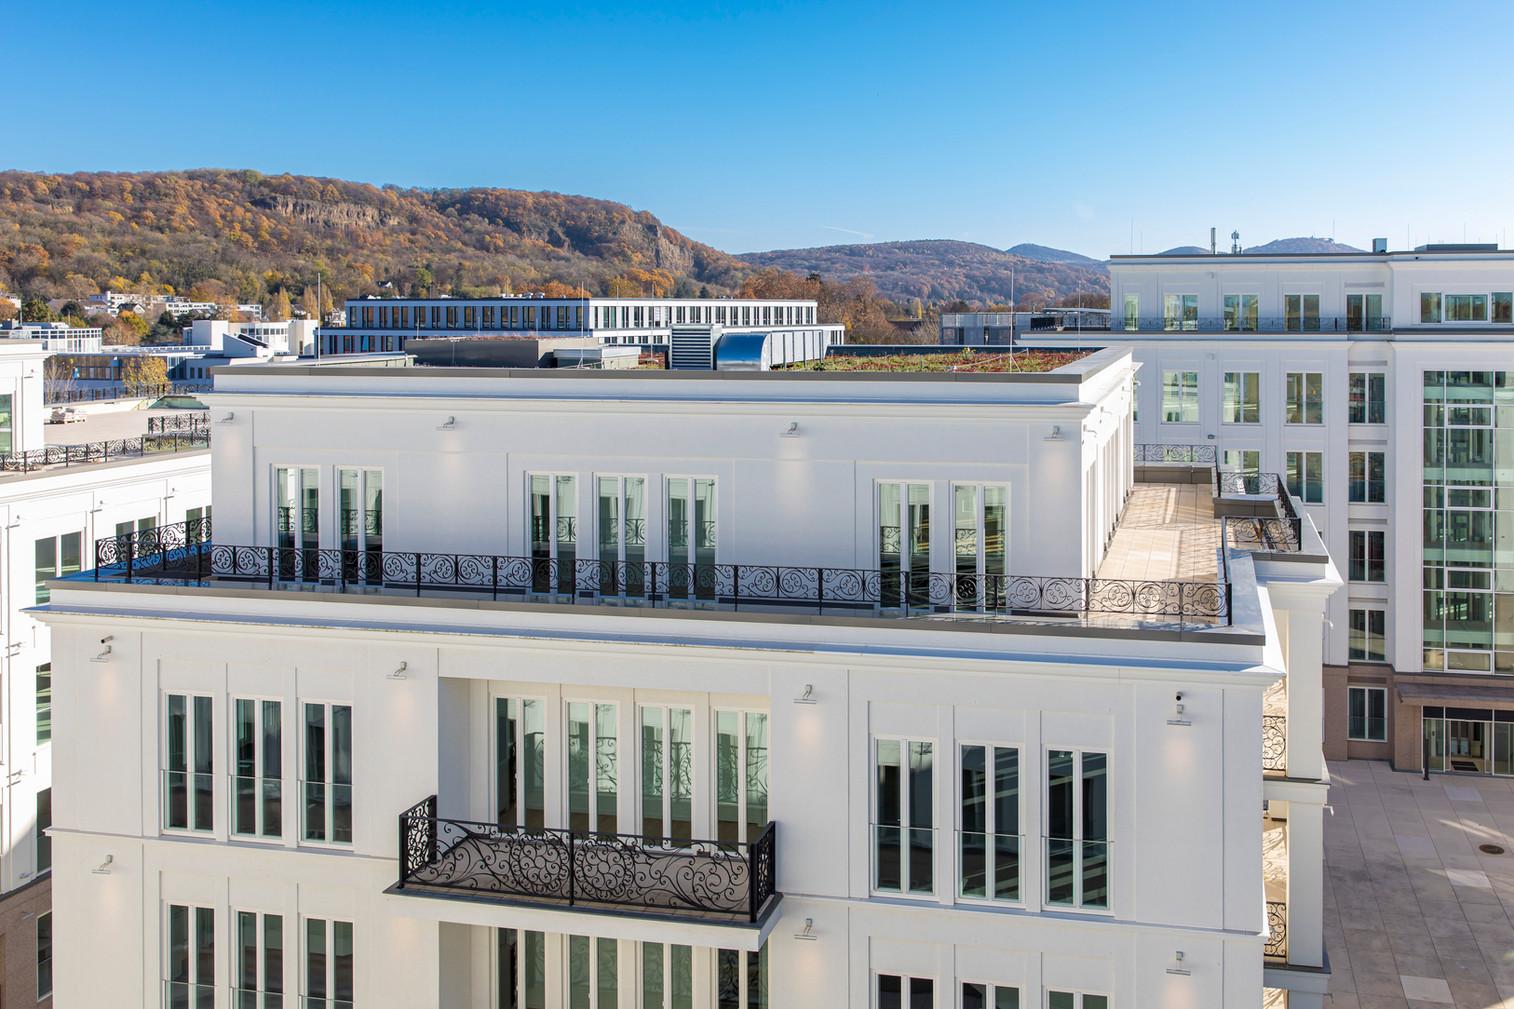 Blick auf das Siebengebirge und die Villa Rosa